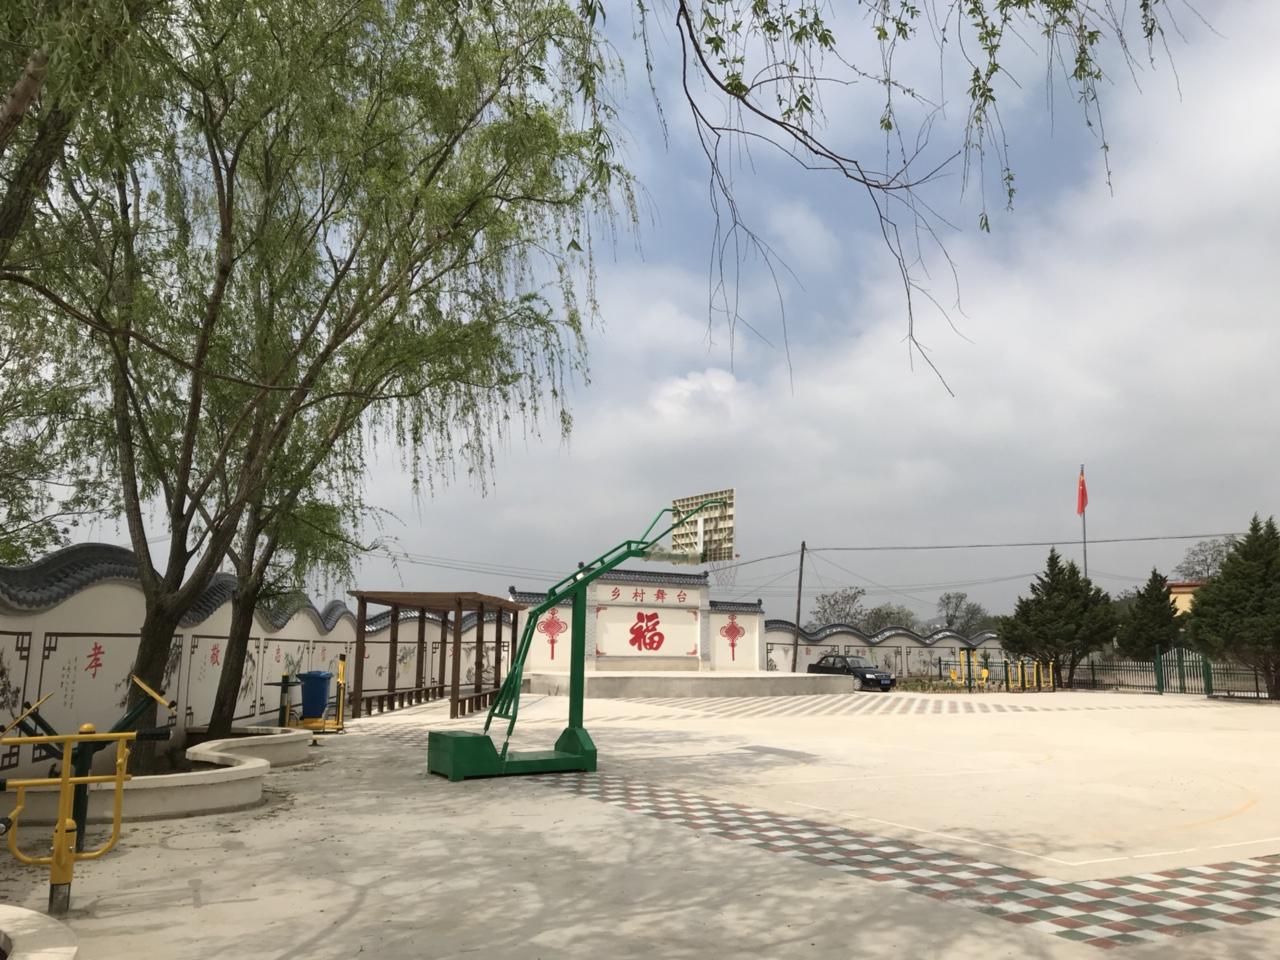 【文化惠民】马关镇东庄村综合文化服务中心风采